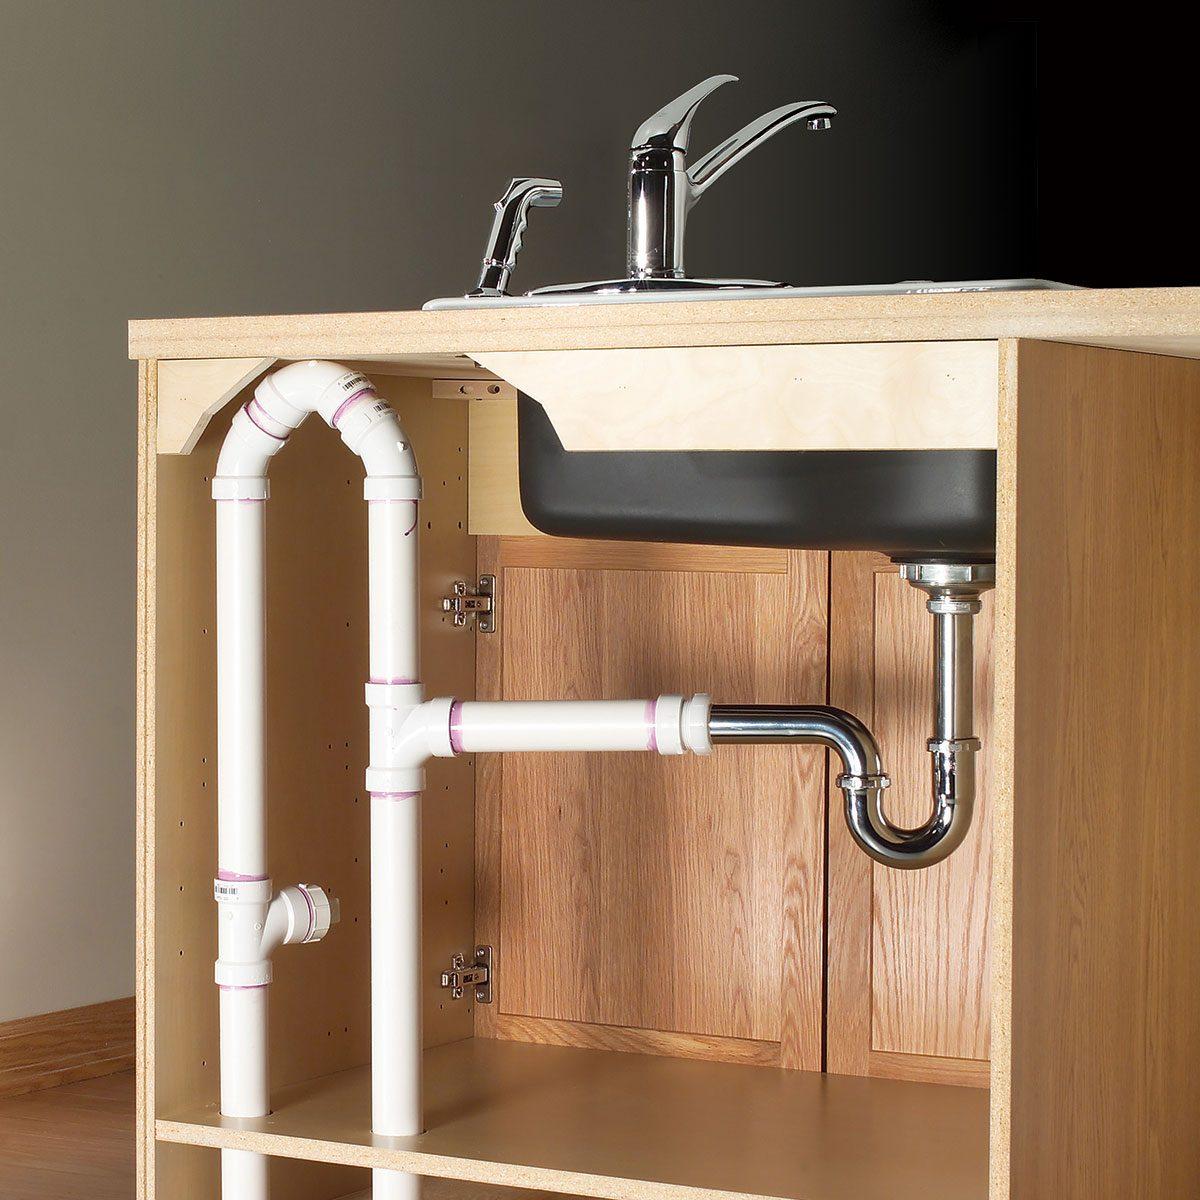 Plumbing under kitchen diagram sink Under Kitchen